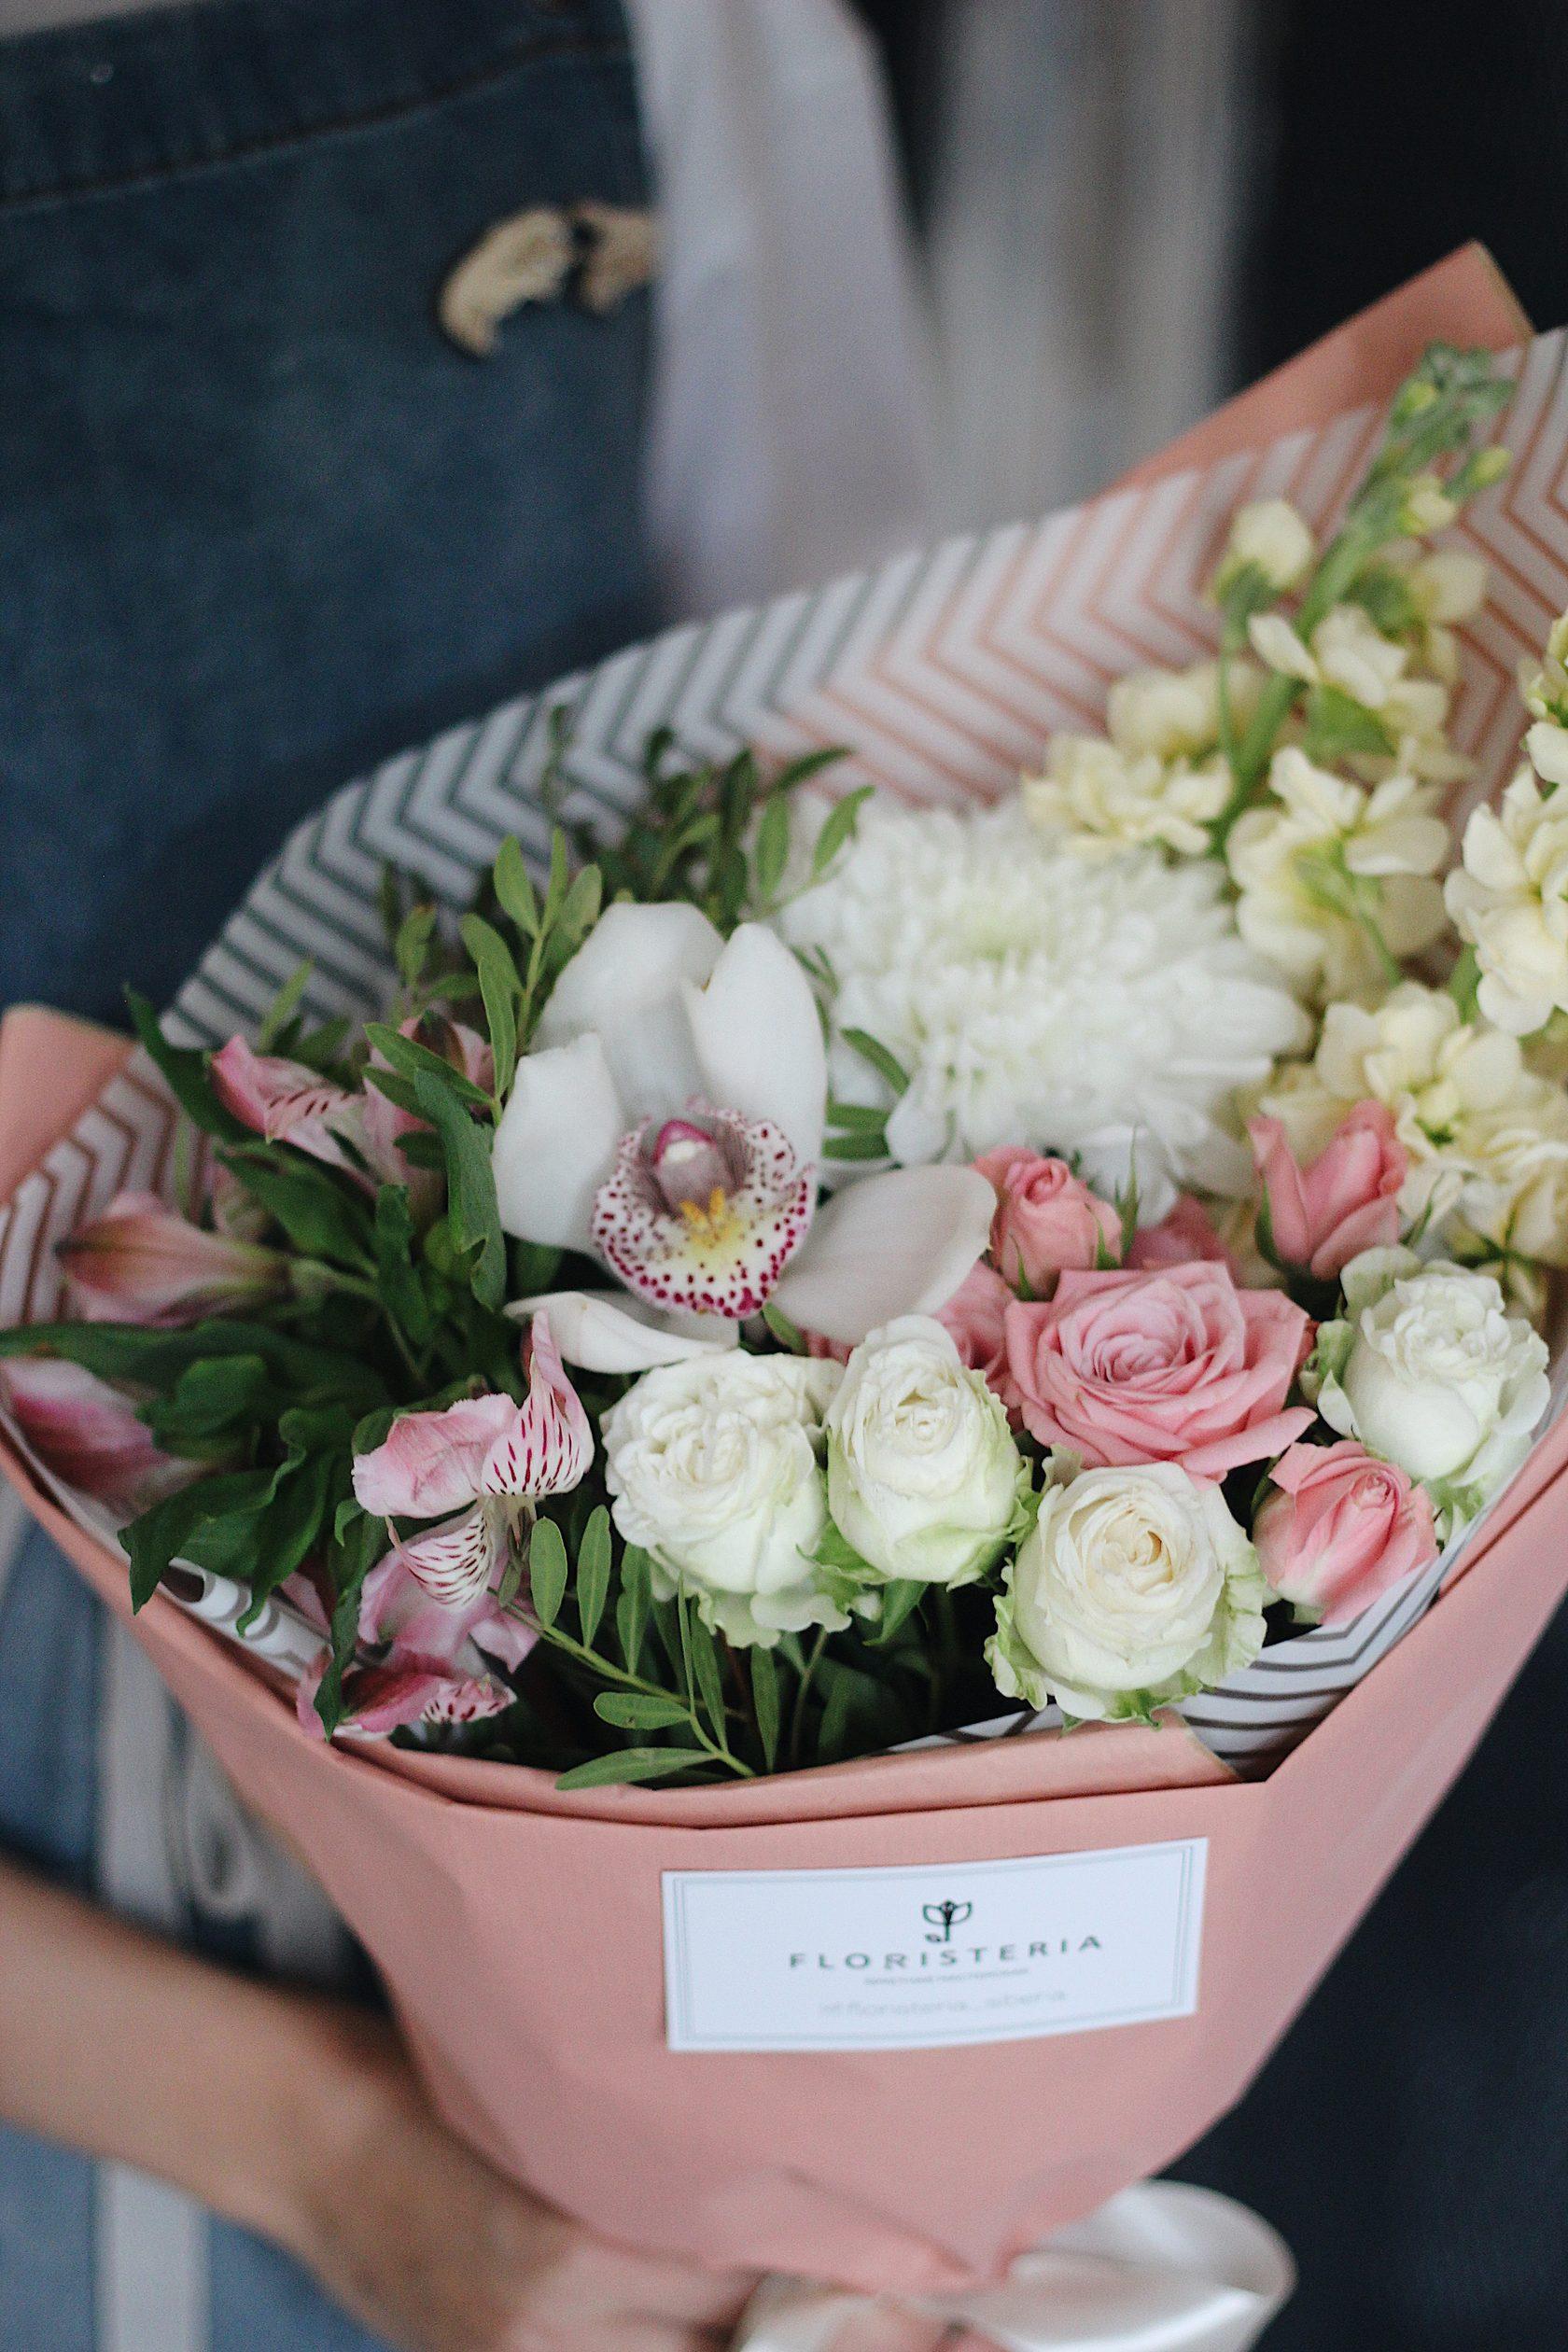 Лет, доставка цветов в новосибирске цена